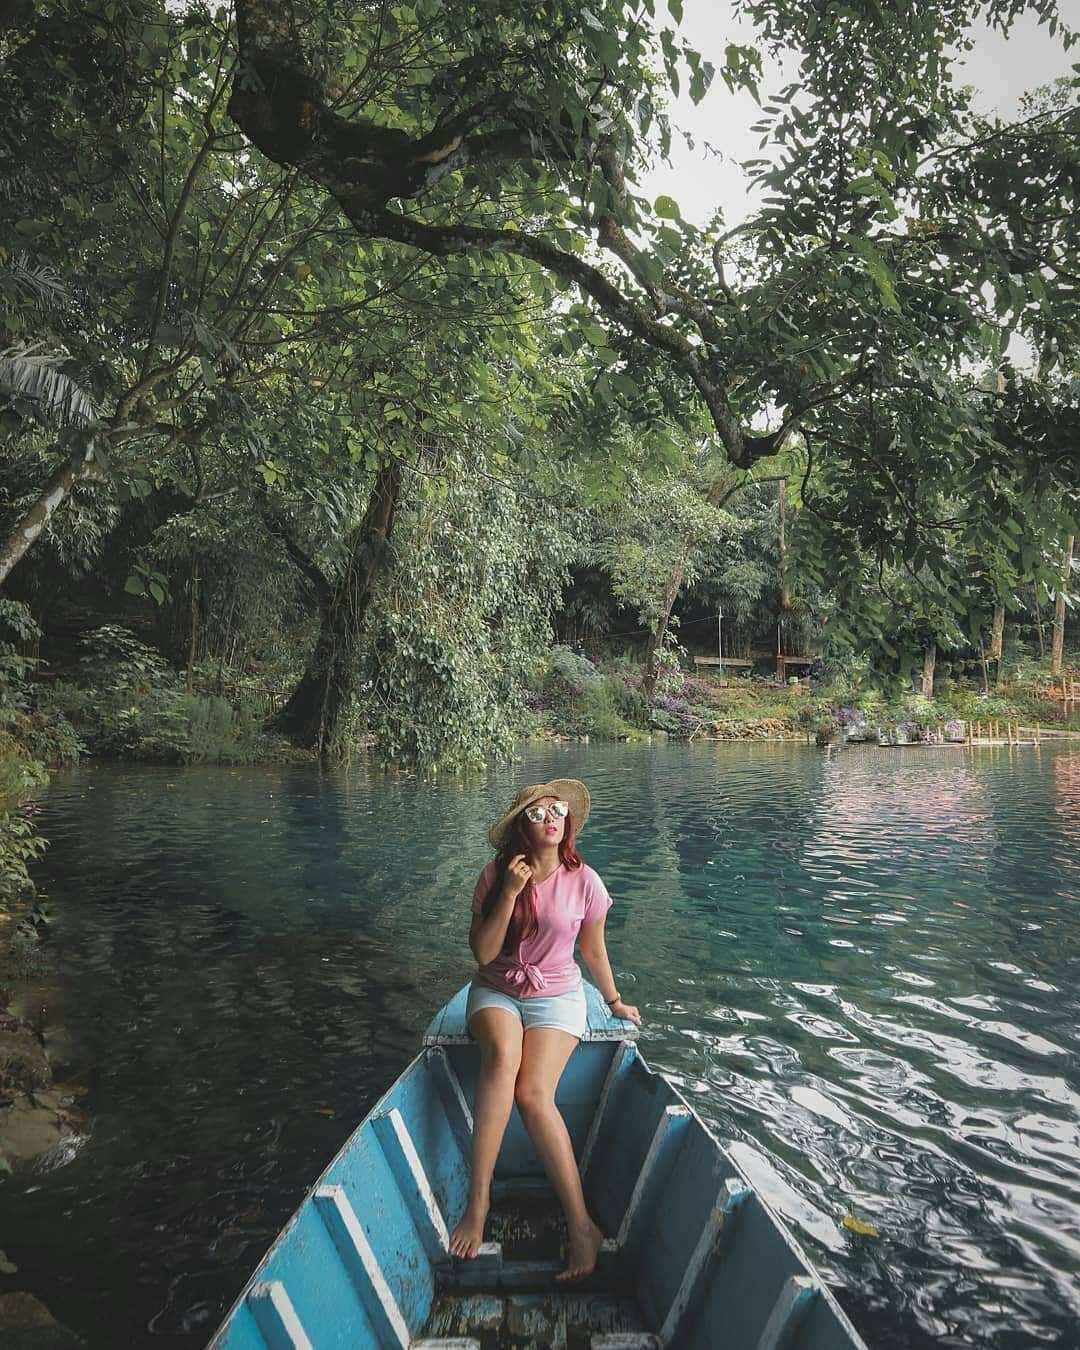 Menaiki Perahu Di Situ Cipanten, Image From @egimoto_